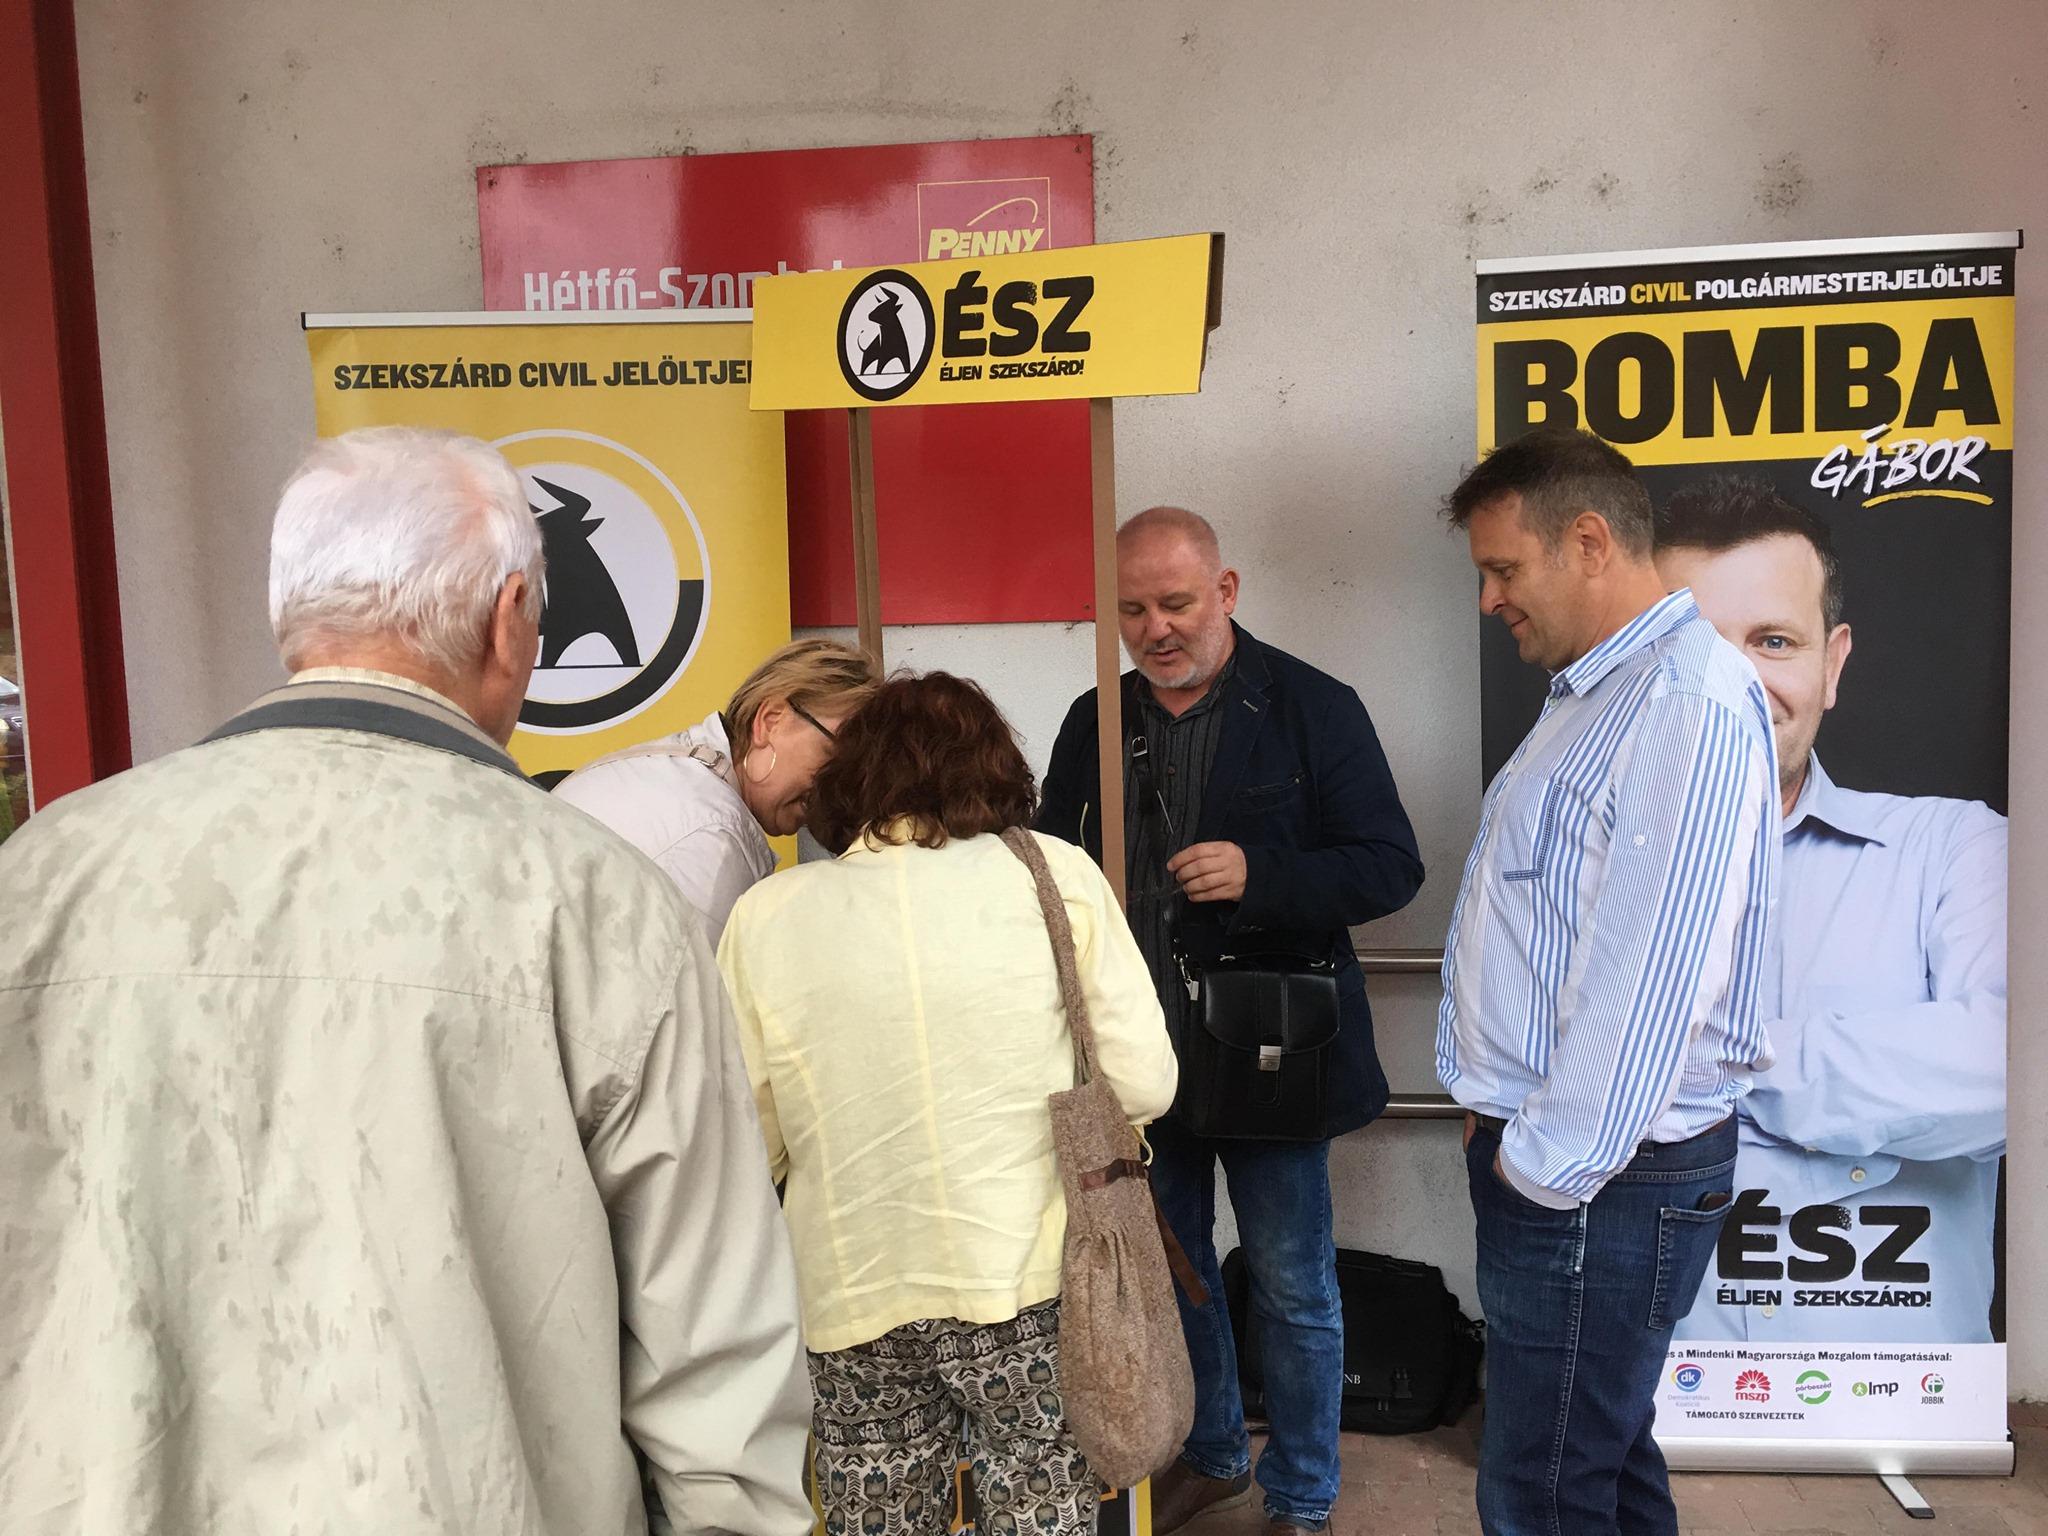 A rendőrök az önkormányzatban találták meg a szekszárdi ellenzék ellopott plakátjait